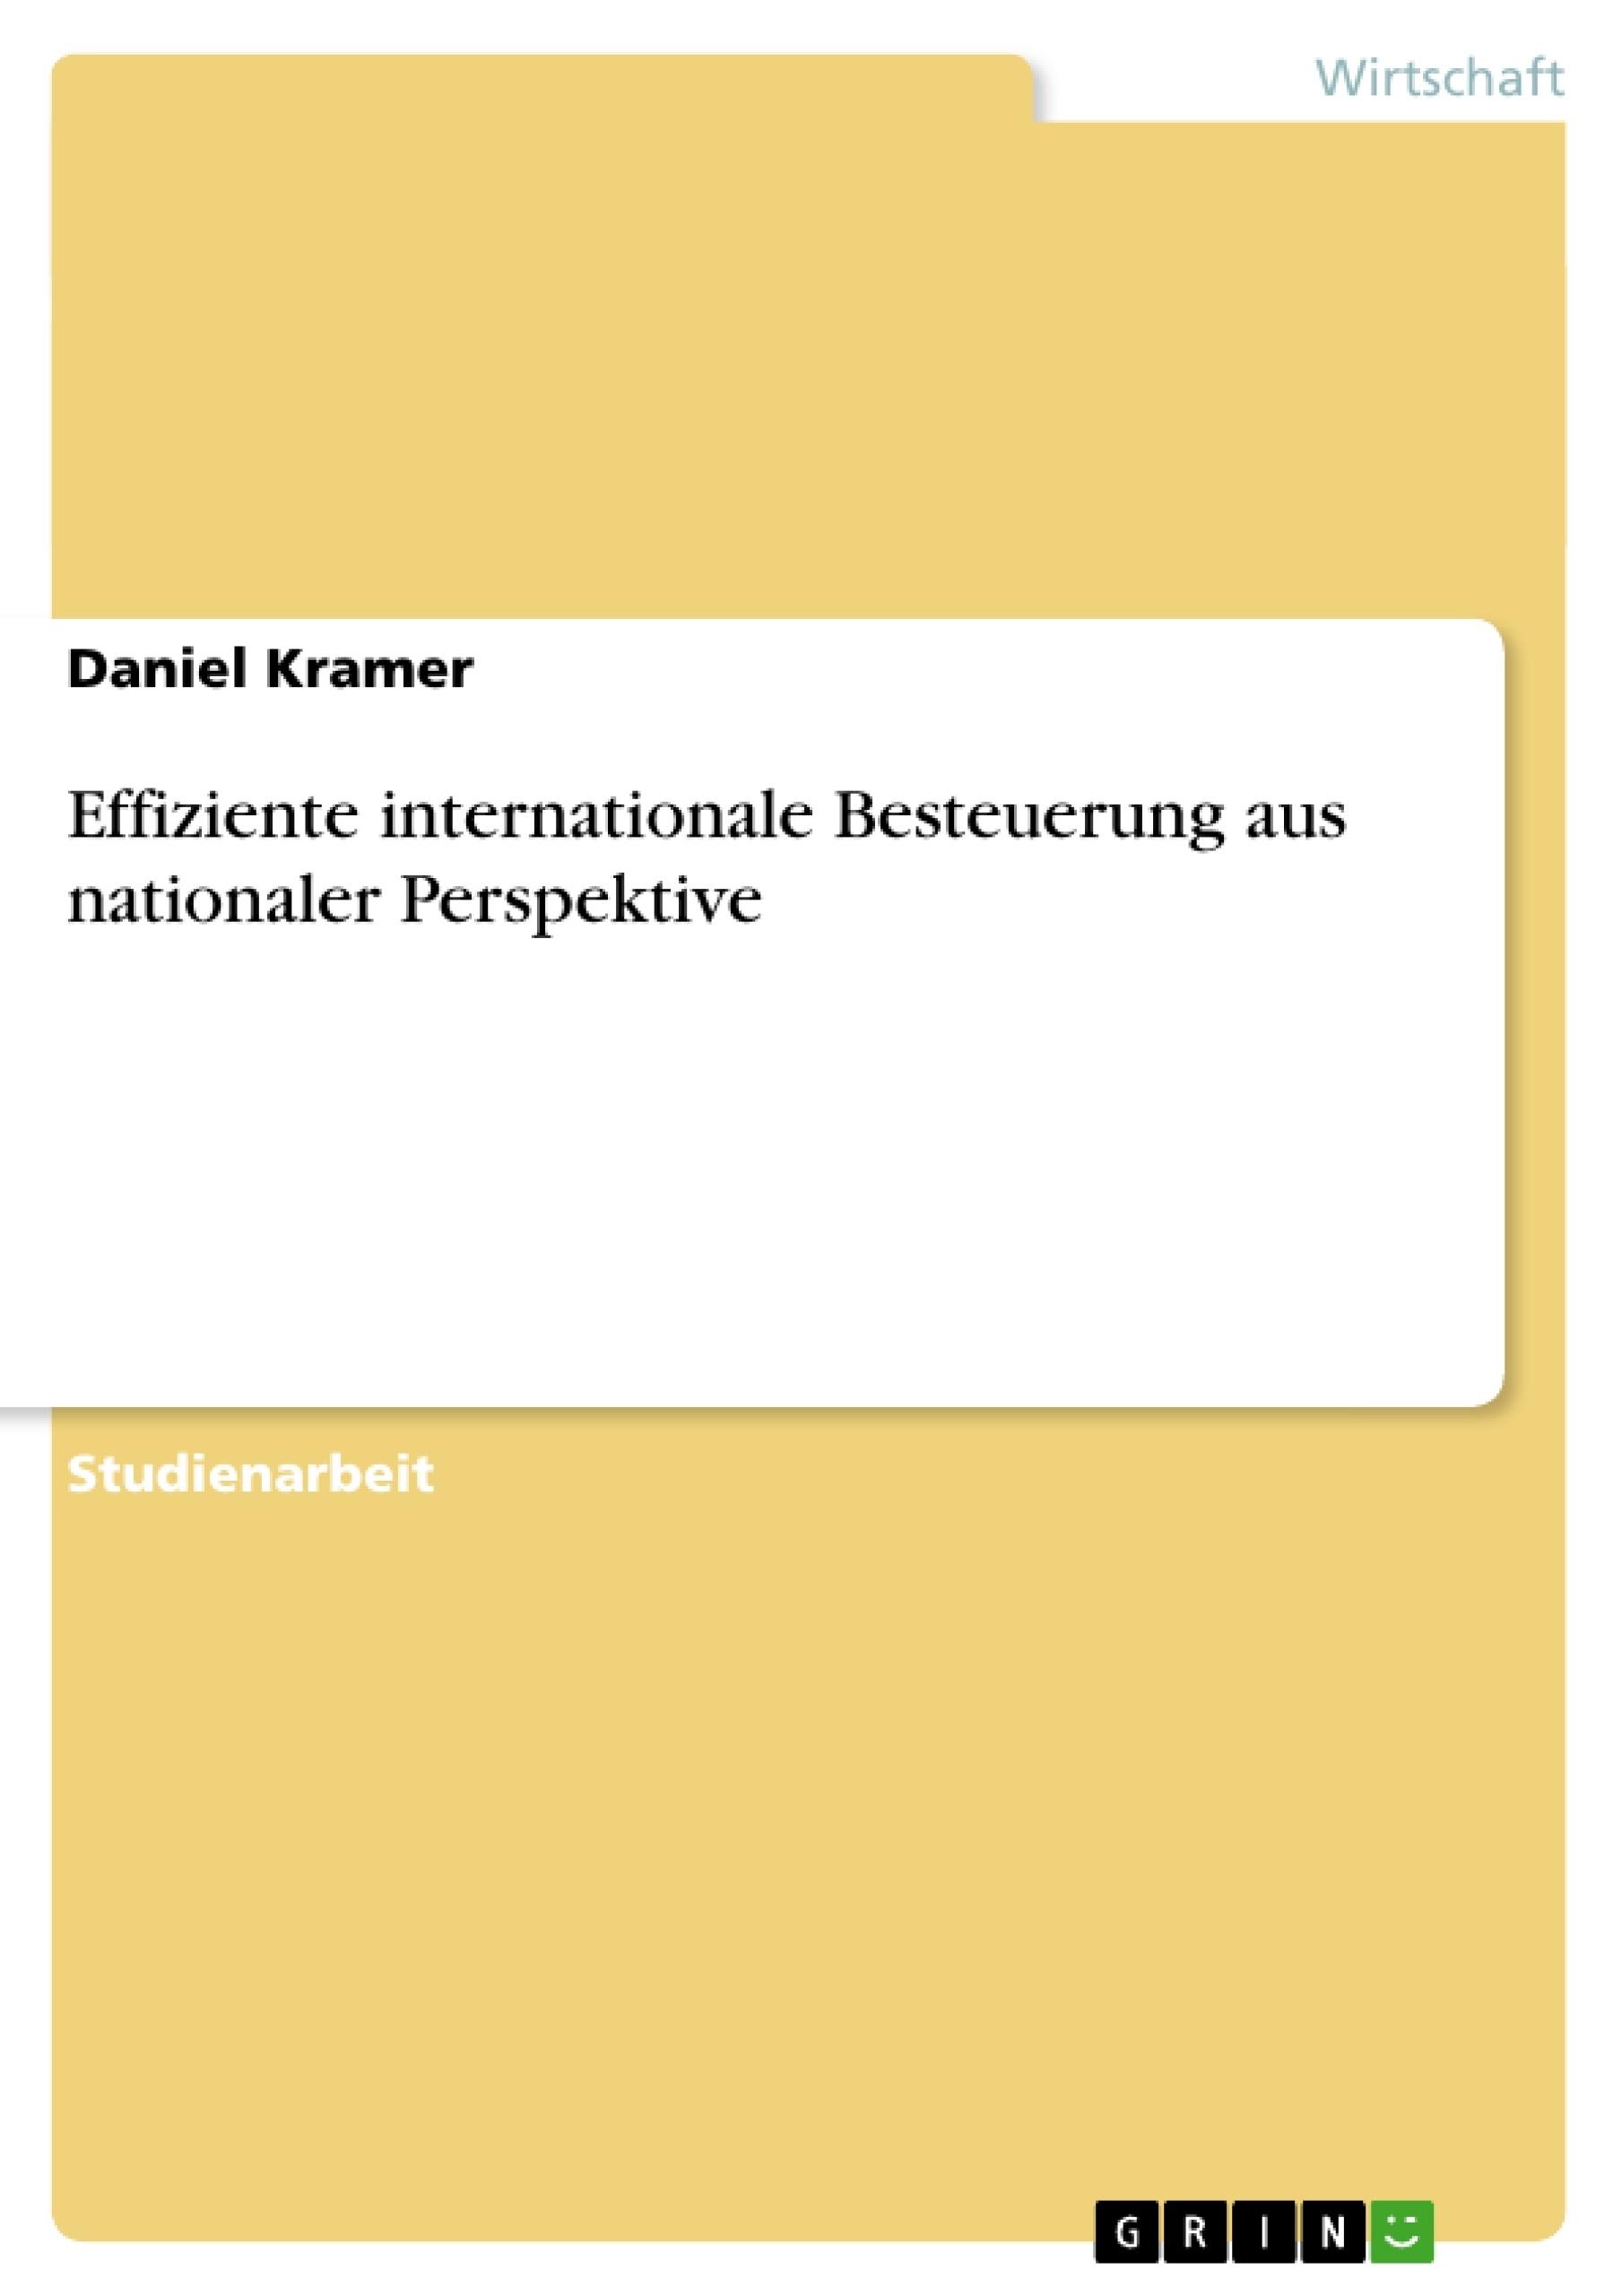 Titel: Effiziente internationale Besteuerung aus nationaler Perspektive